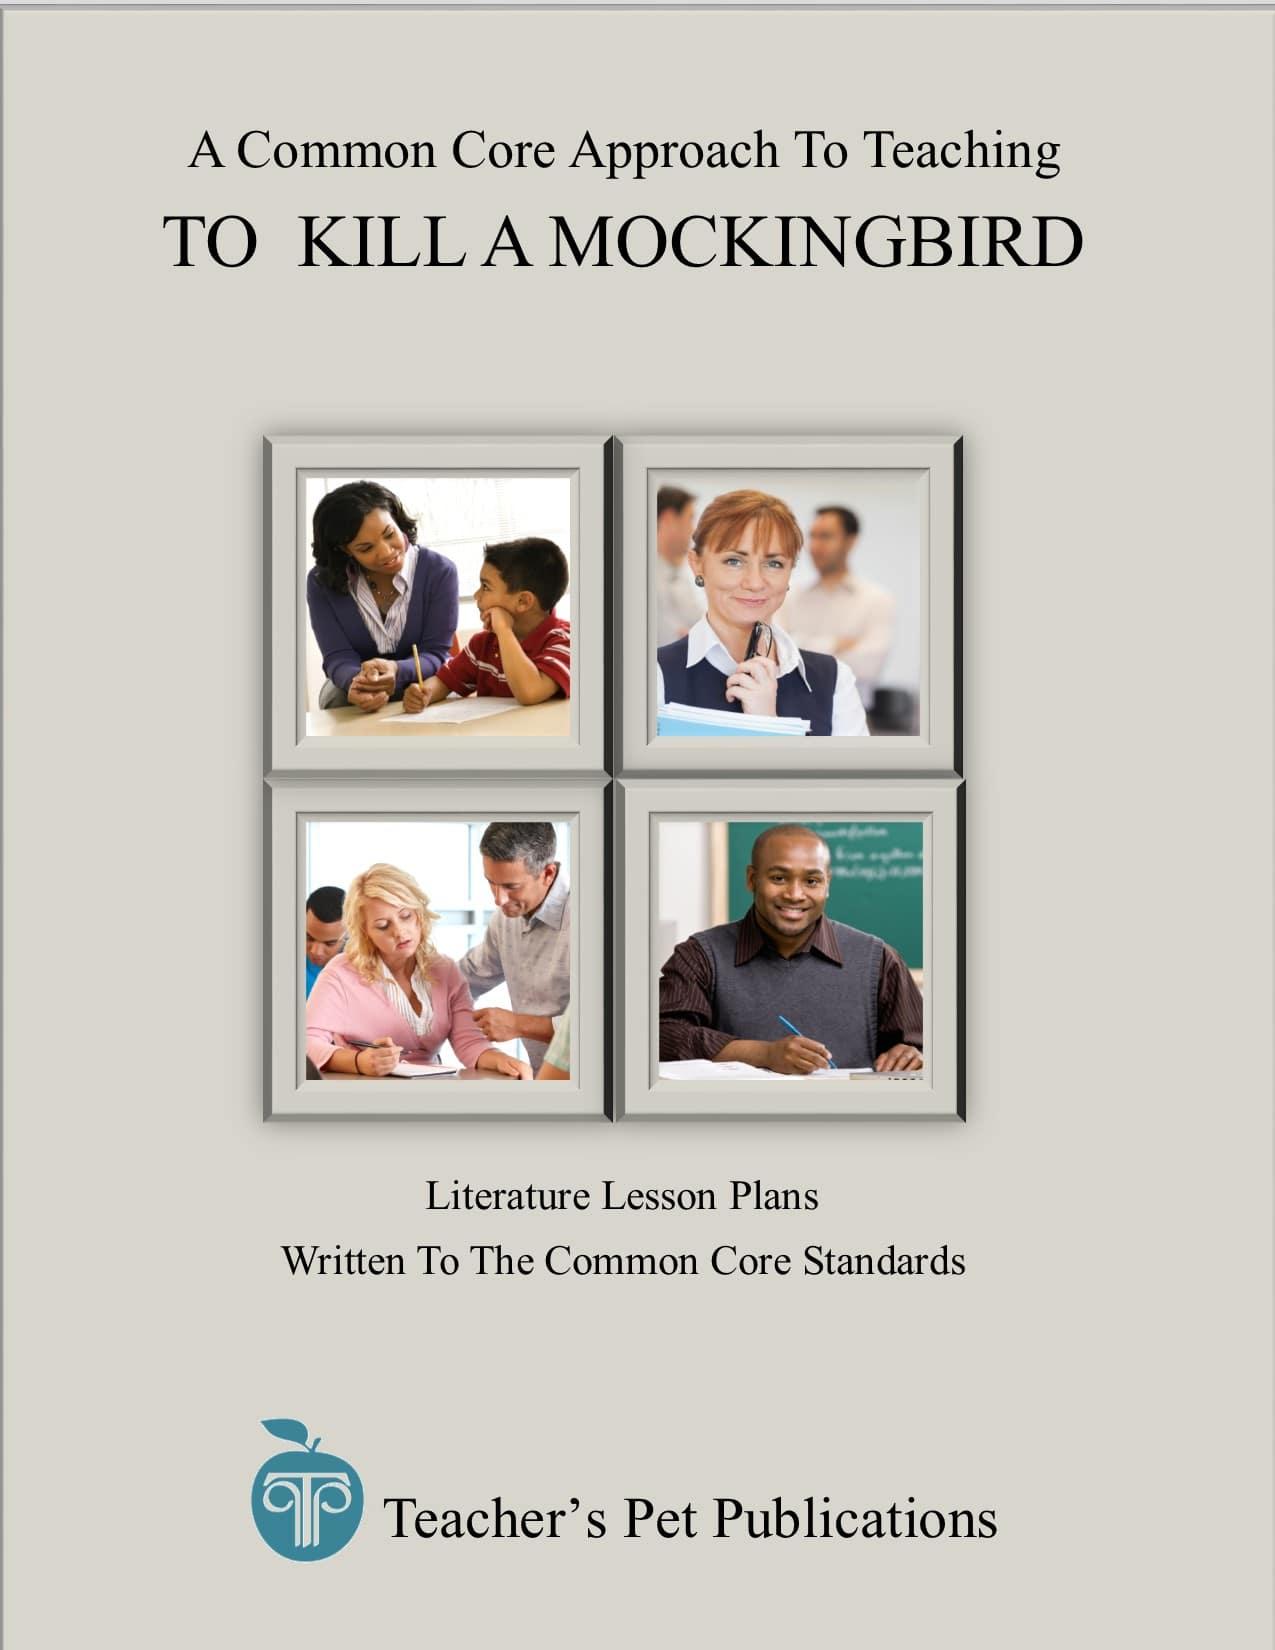 mockingbirdccat-pdf-min.jpg